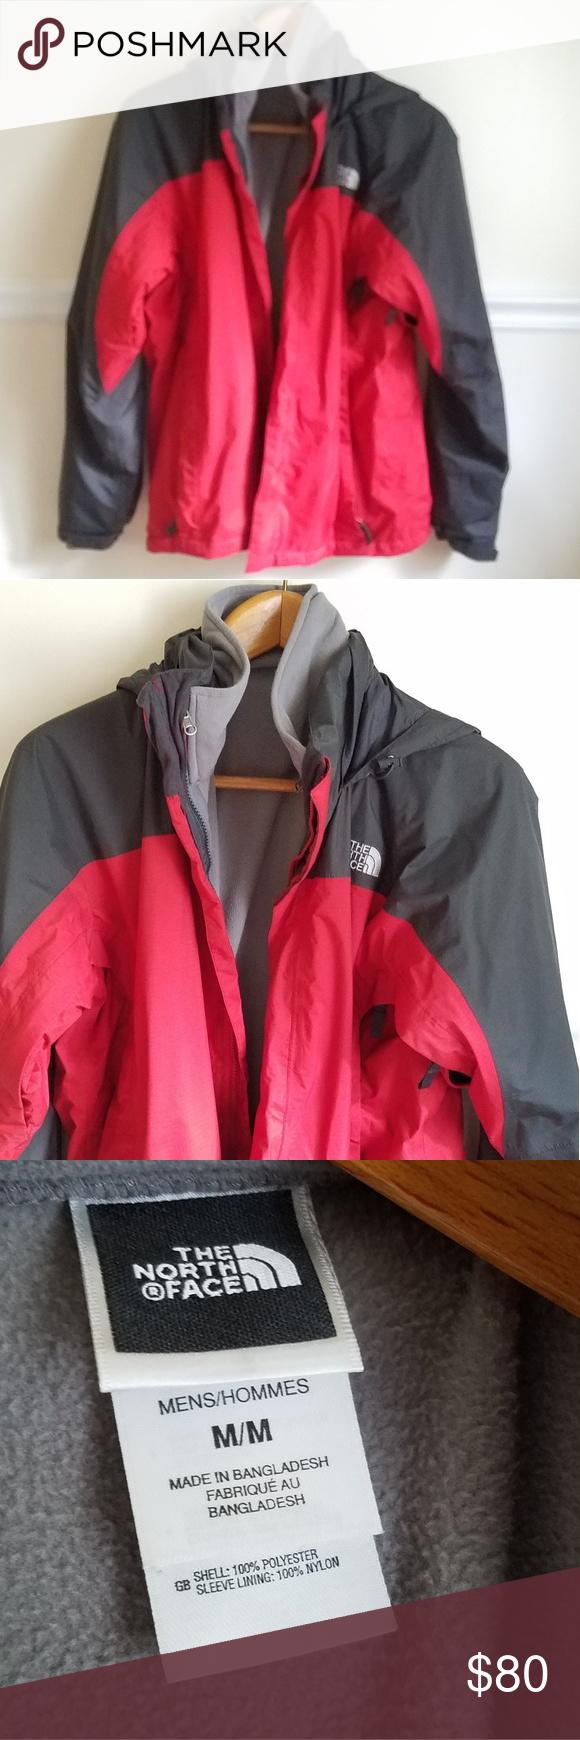 The North Face 2 In 1 Men S Hyvent Jacket Medium The North Face North Face Jacket Jackets [ 1740 x 580 Pixel ]